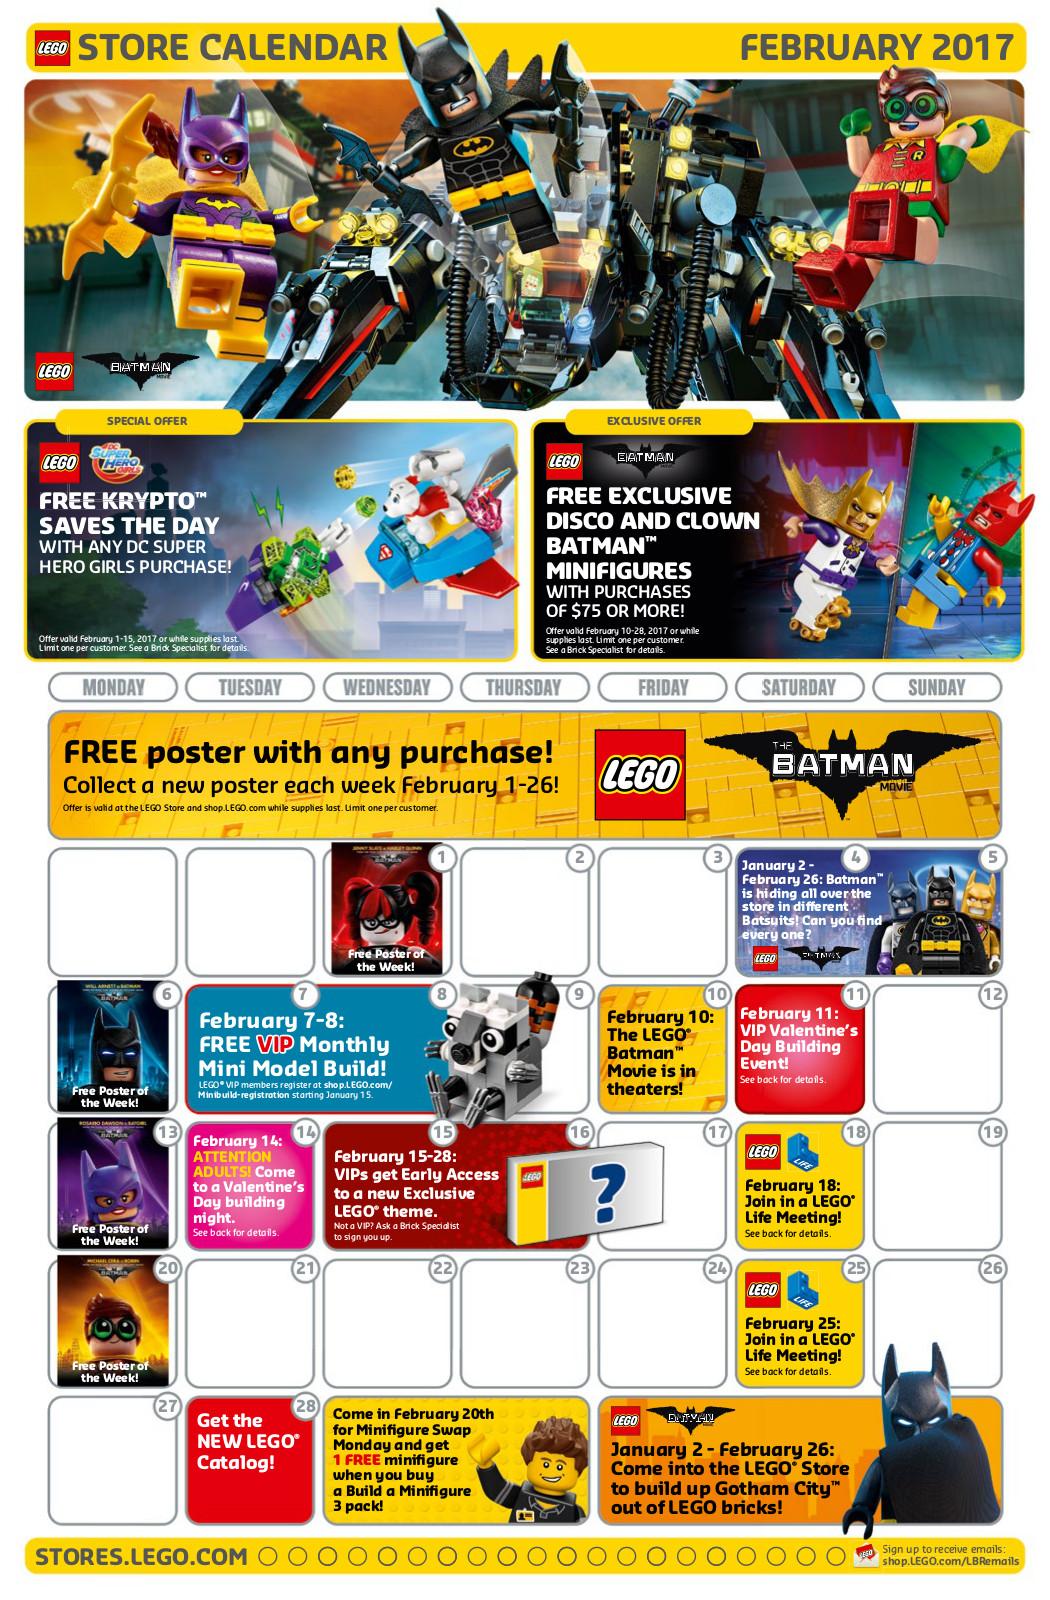 February Calendar for The LEGO Store | Brick Brains